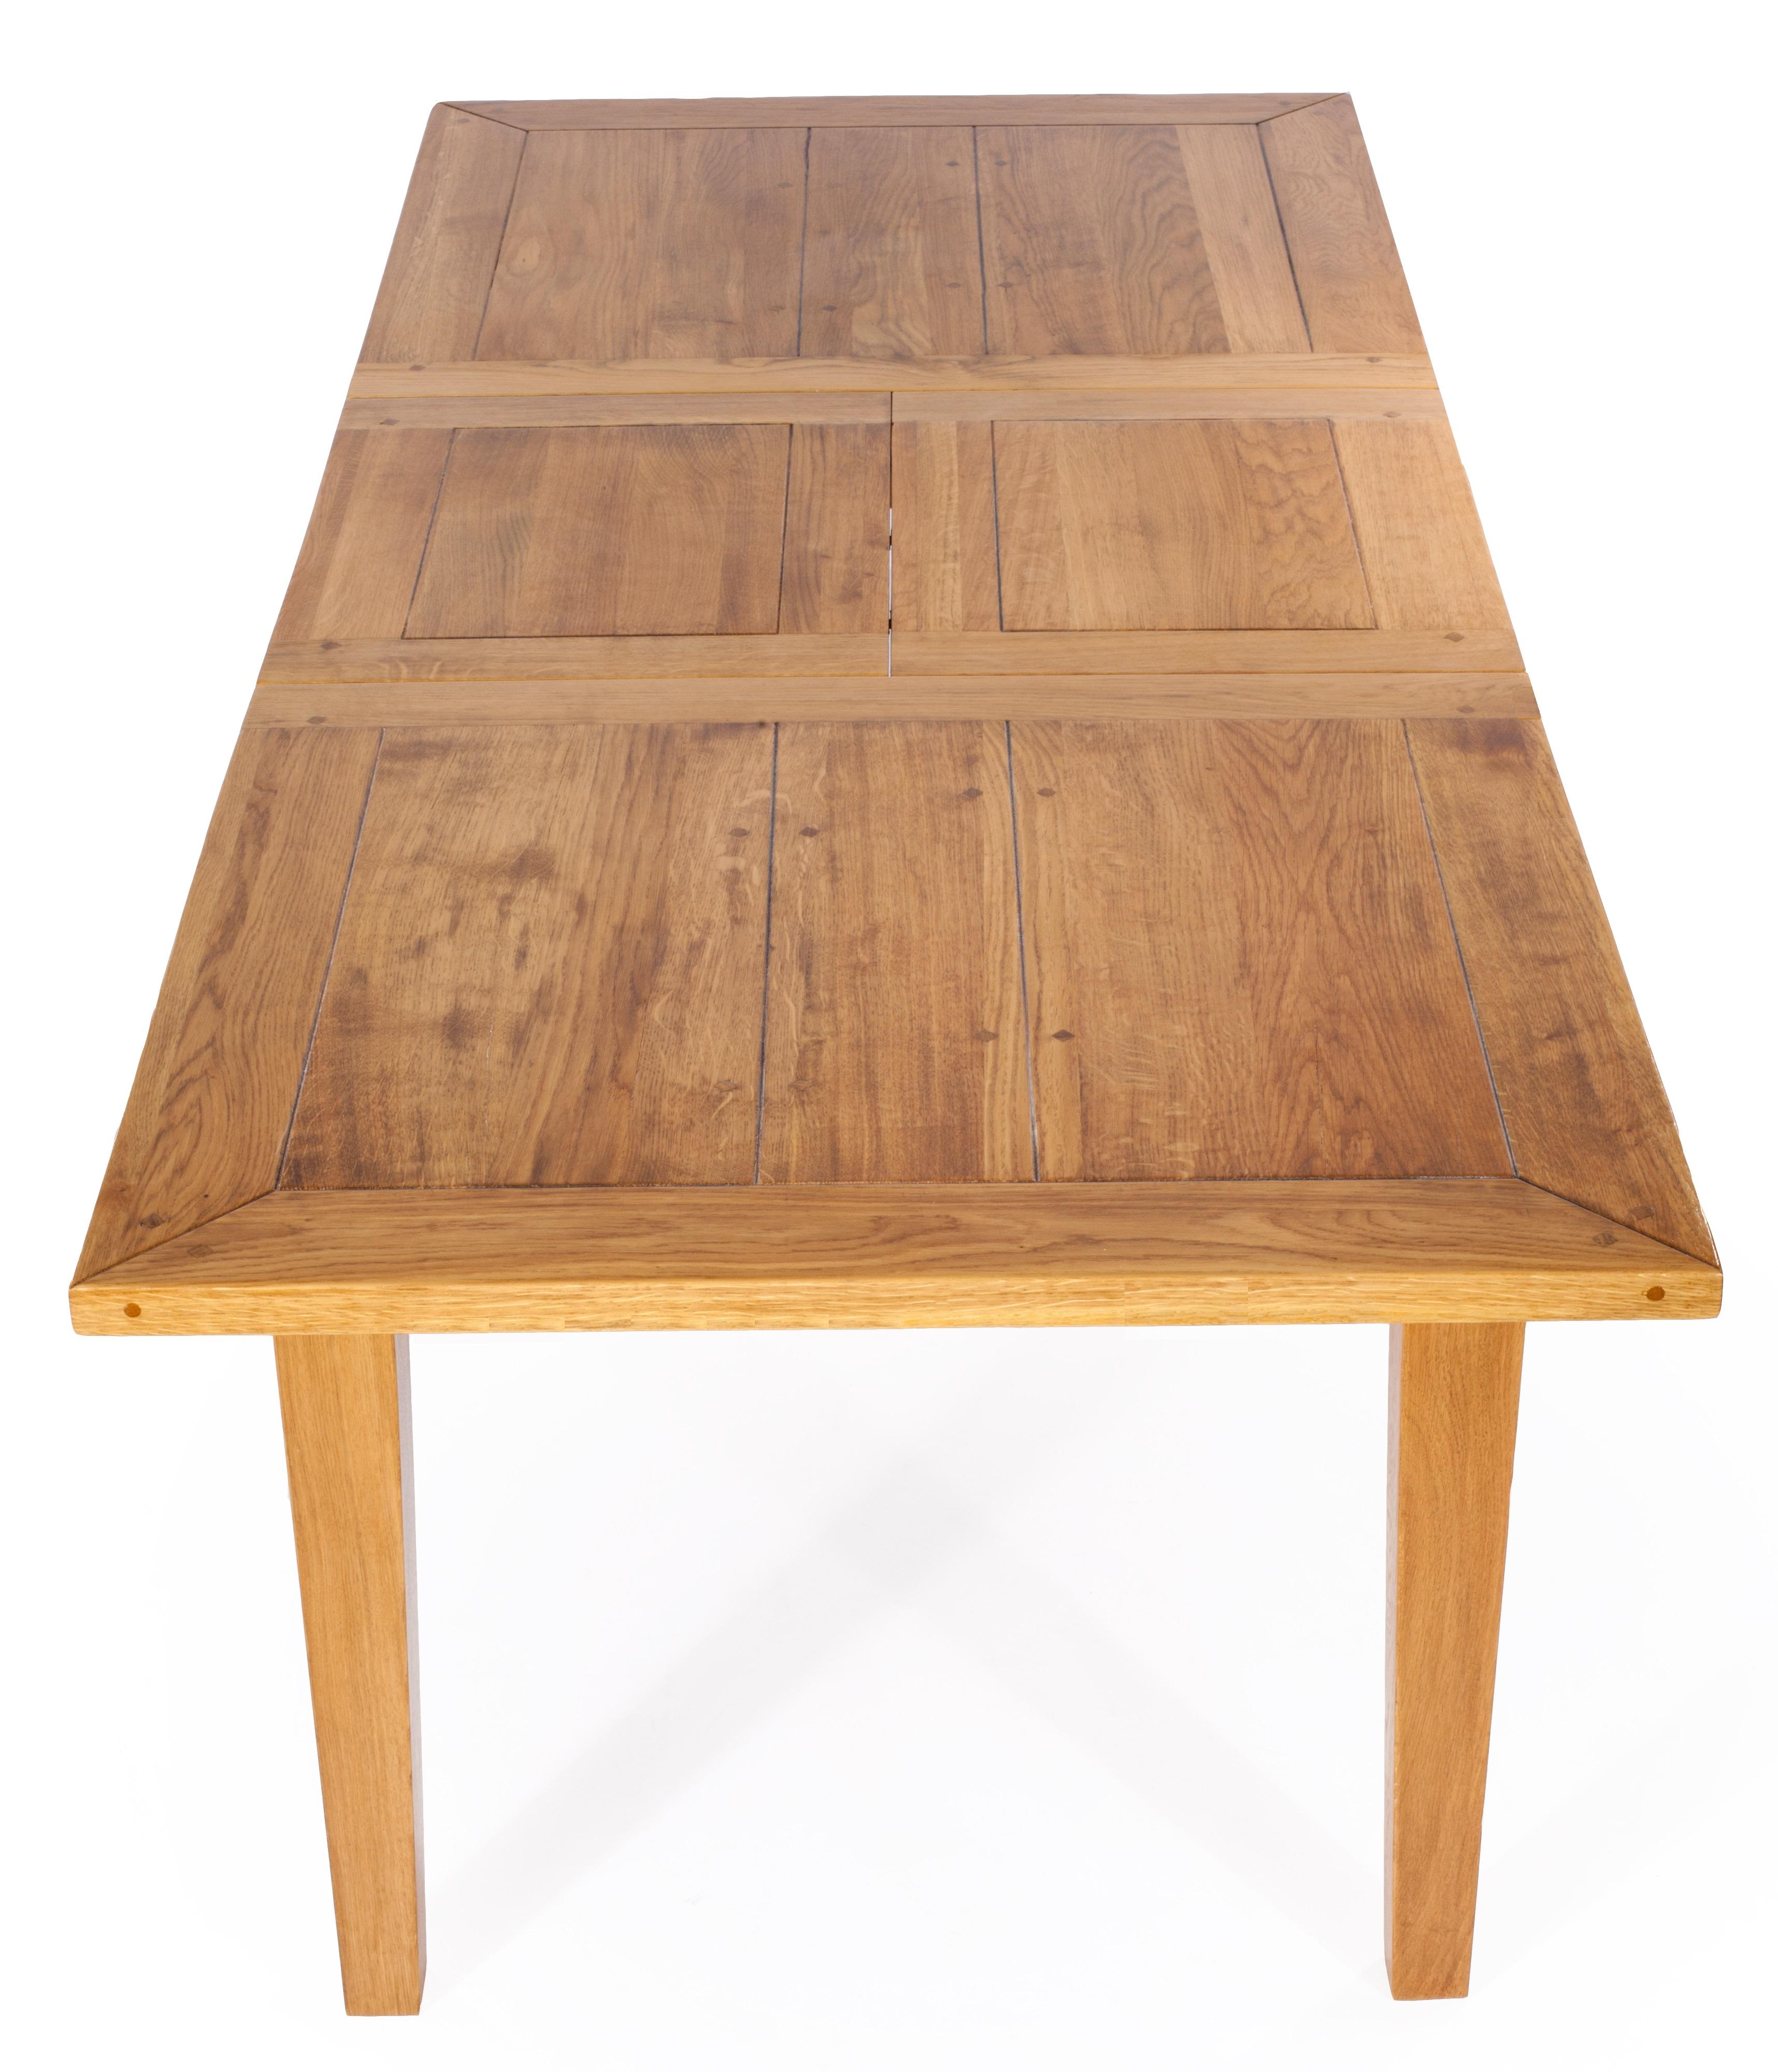 aktiv esstisch ausziehtisch eiche massiv designer provance 180 260 cm korn lack. Black Bedroom Furniture Sets. Home Design Ideas